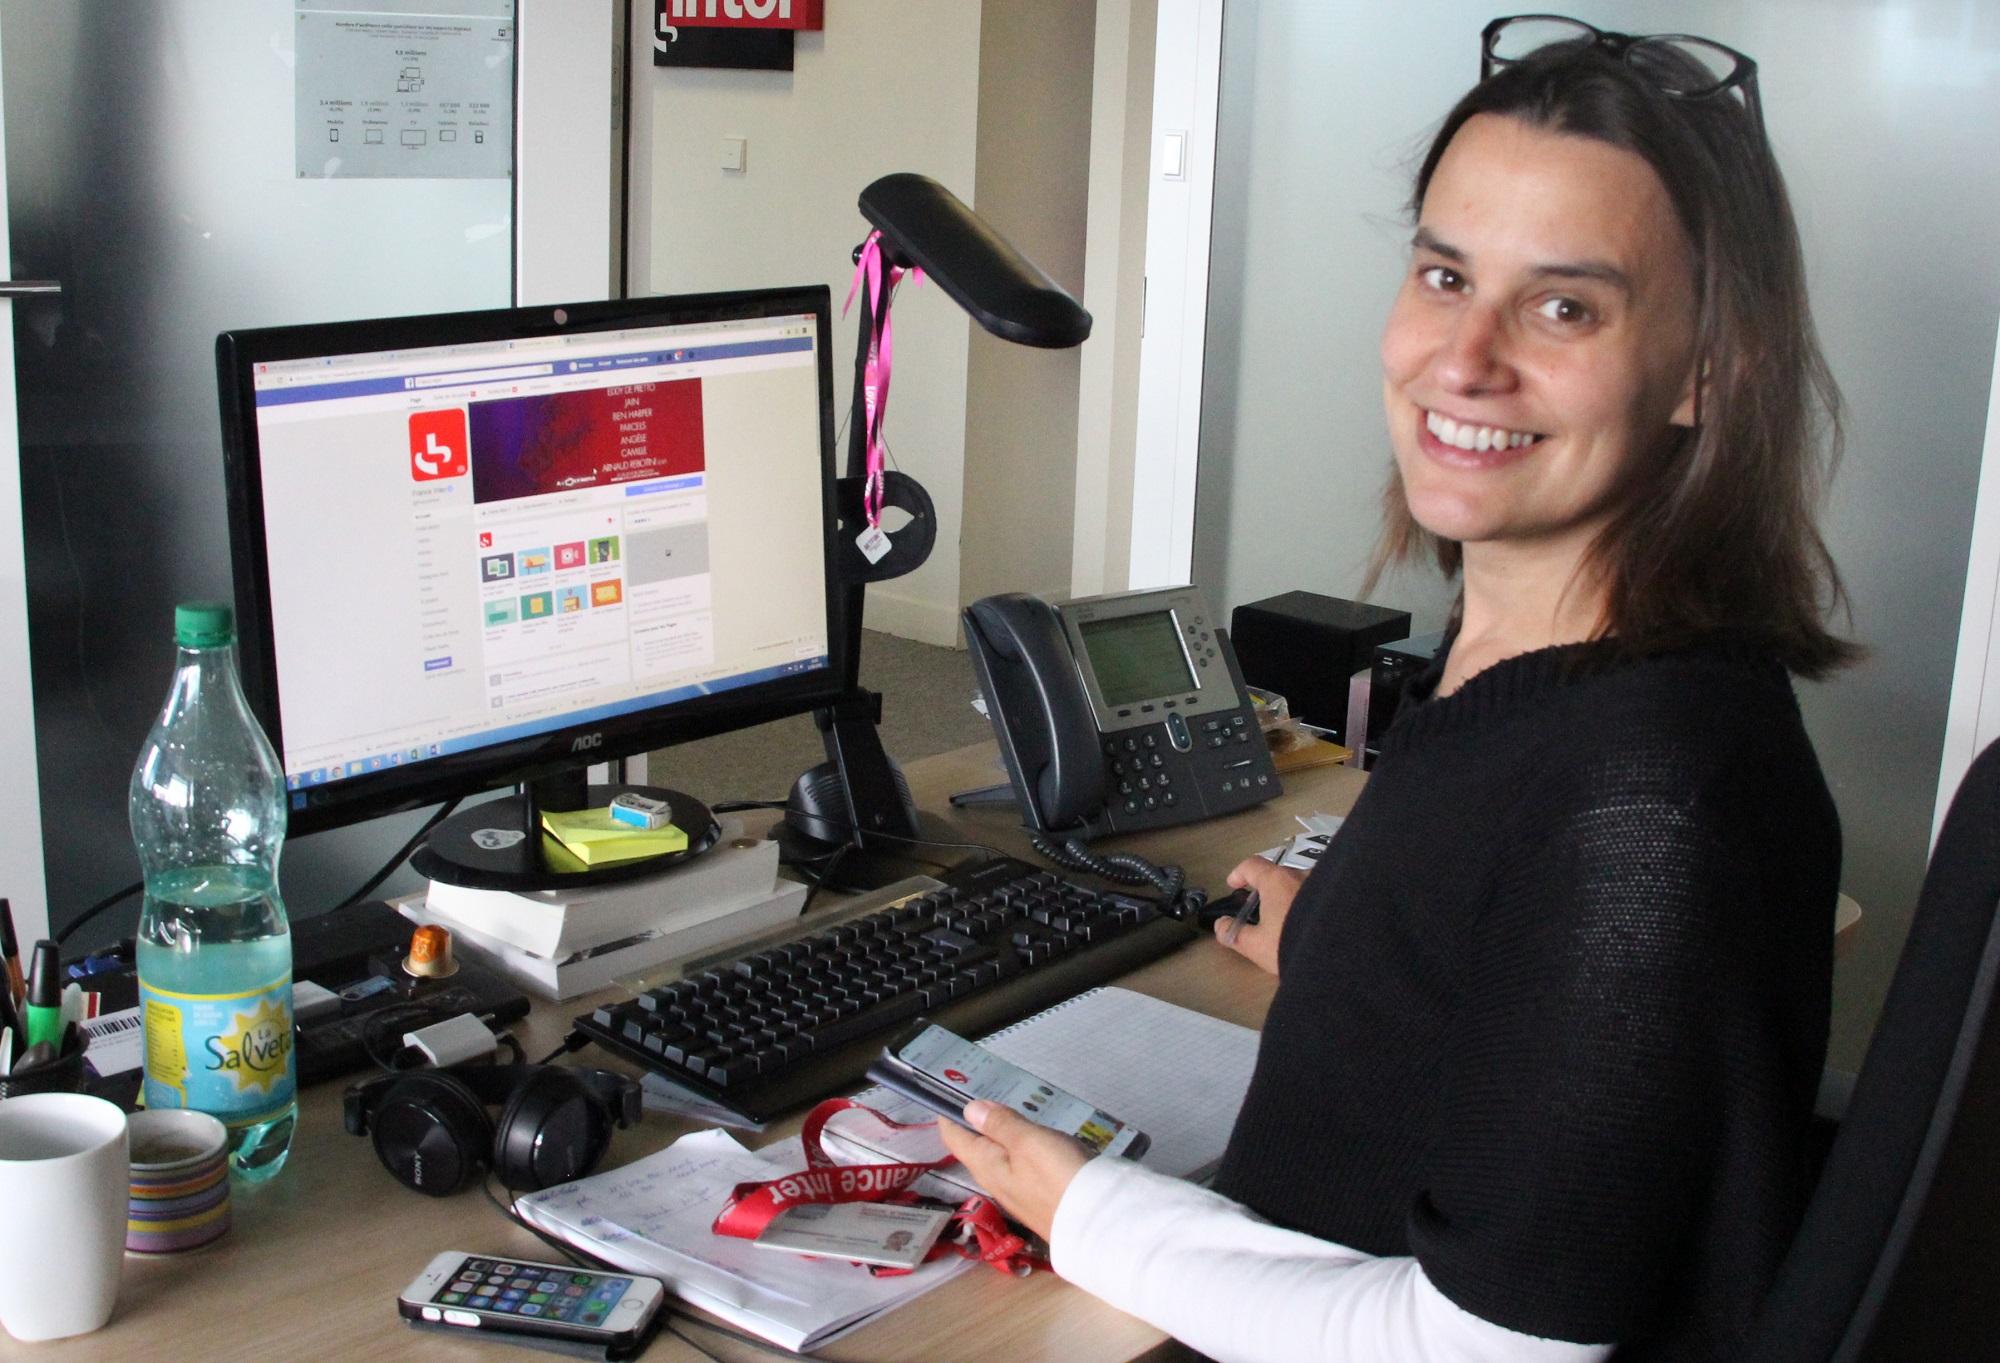 Séverine Bastin jongle entre téléphone et ordinateur toute la journée. Crédit: Anne Audigier / France Inter